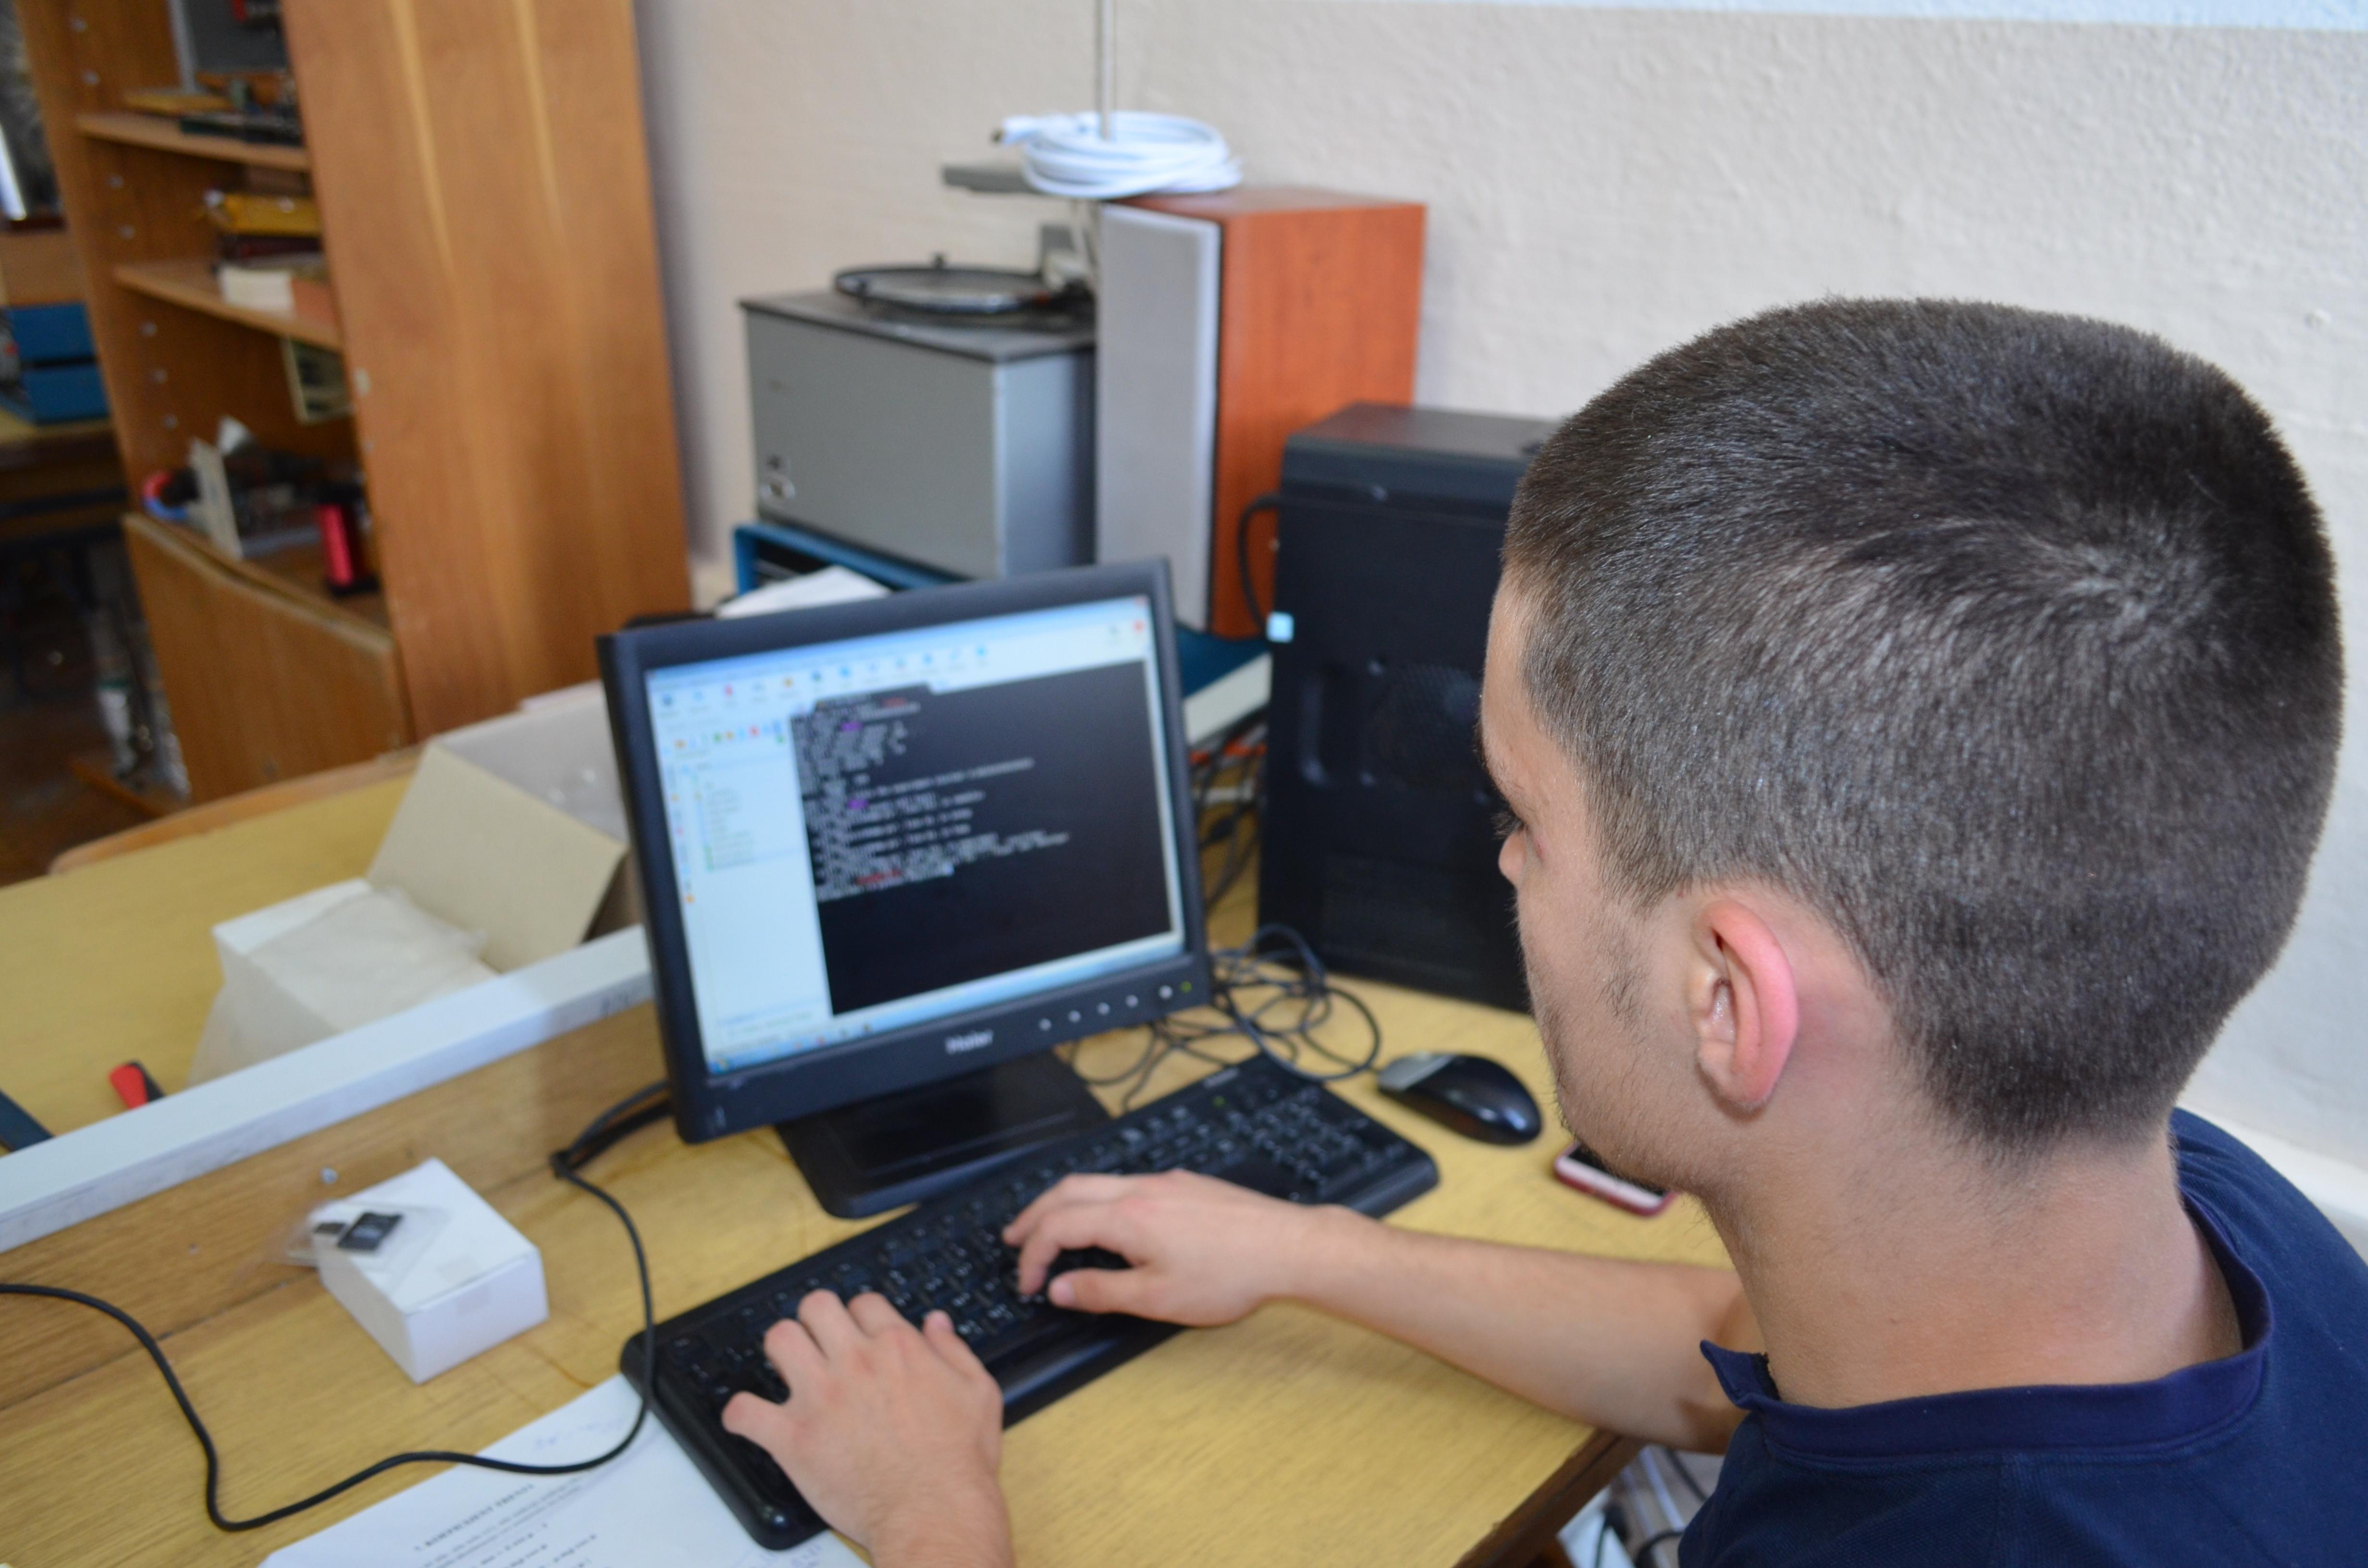 Јазикот за програмирање на роботот е Пајтон, но истиот не е дел од образовната програма на средните училишта во Македонија, па така учениците со помош на своите професори го изучуваат и овој програмски јазик.